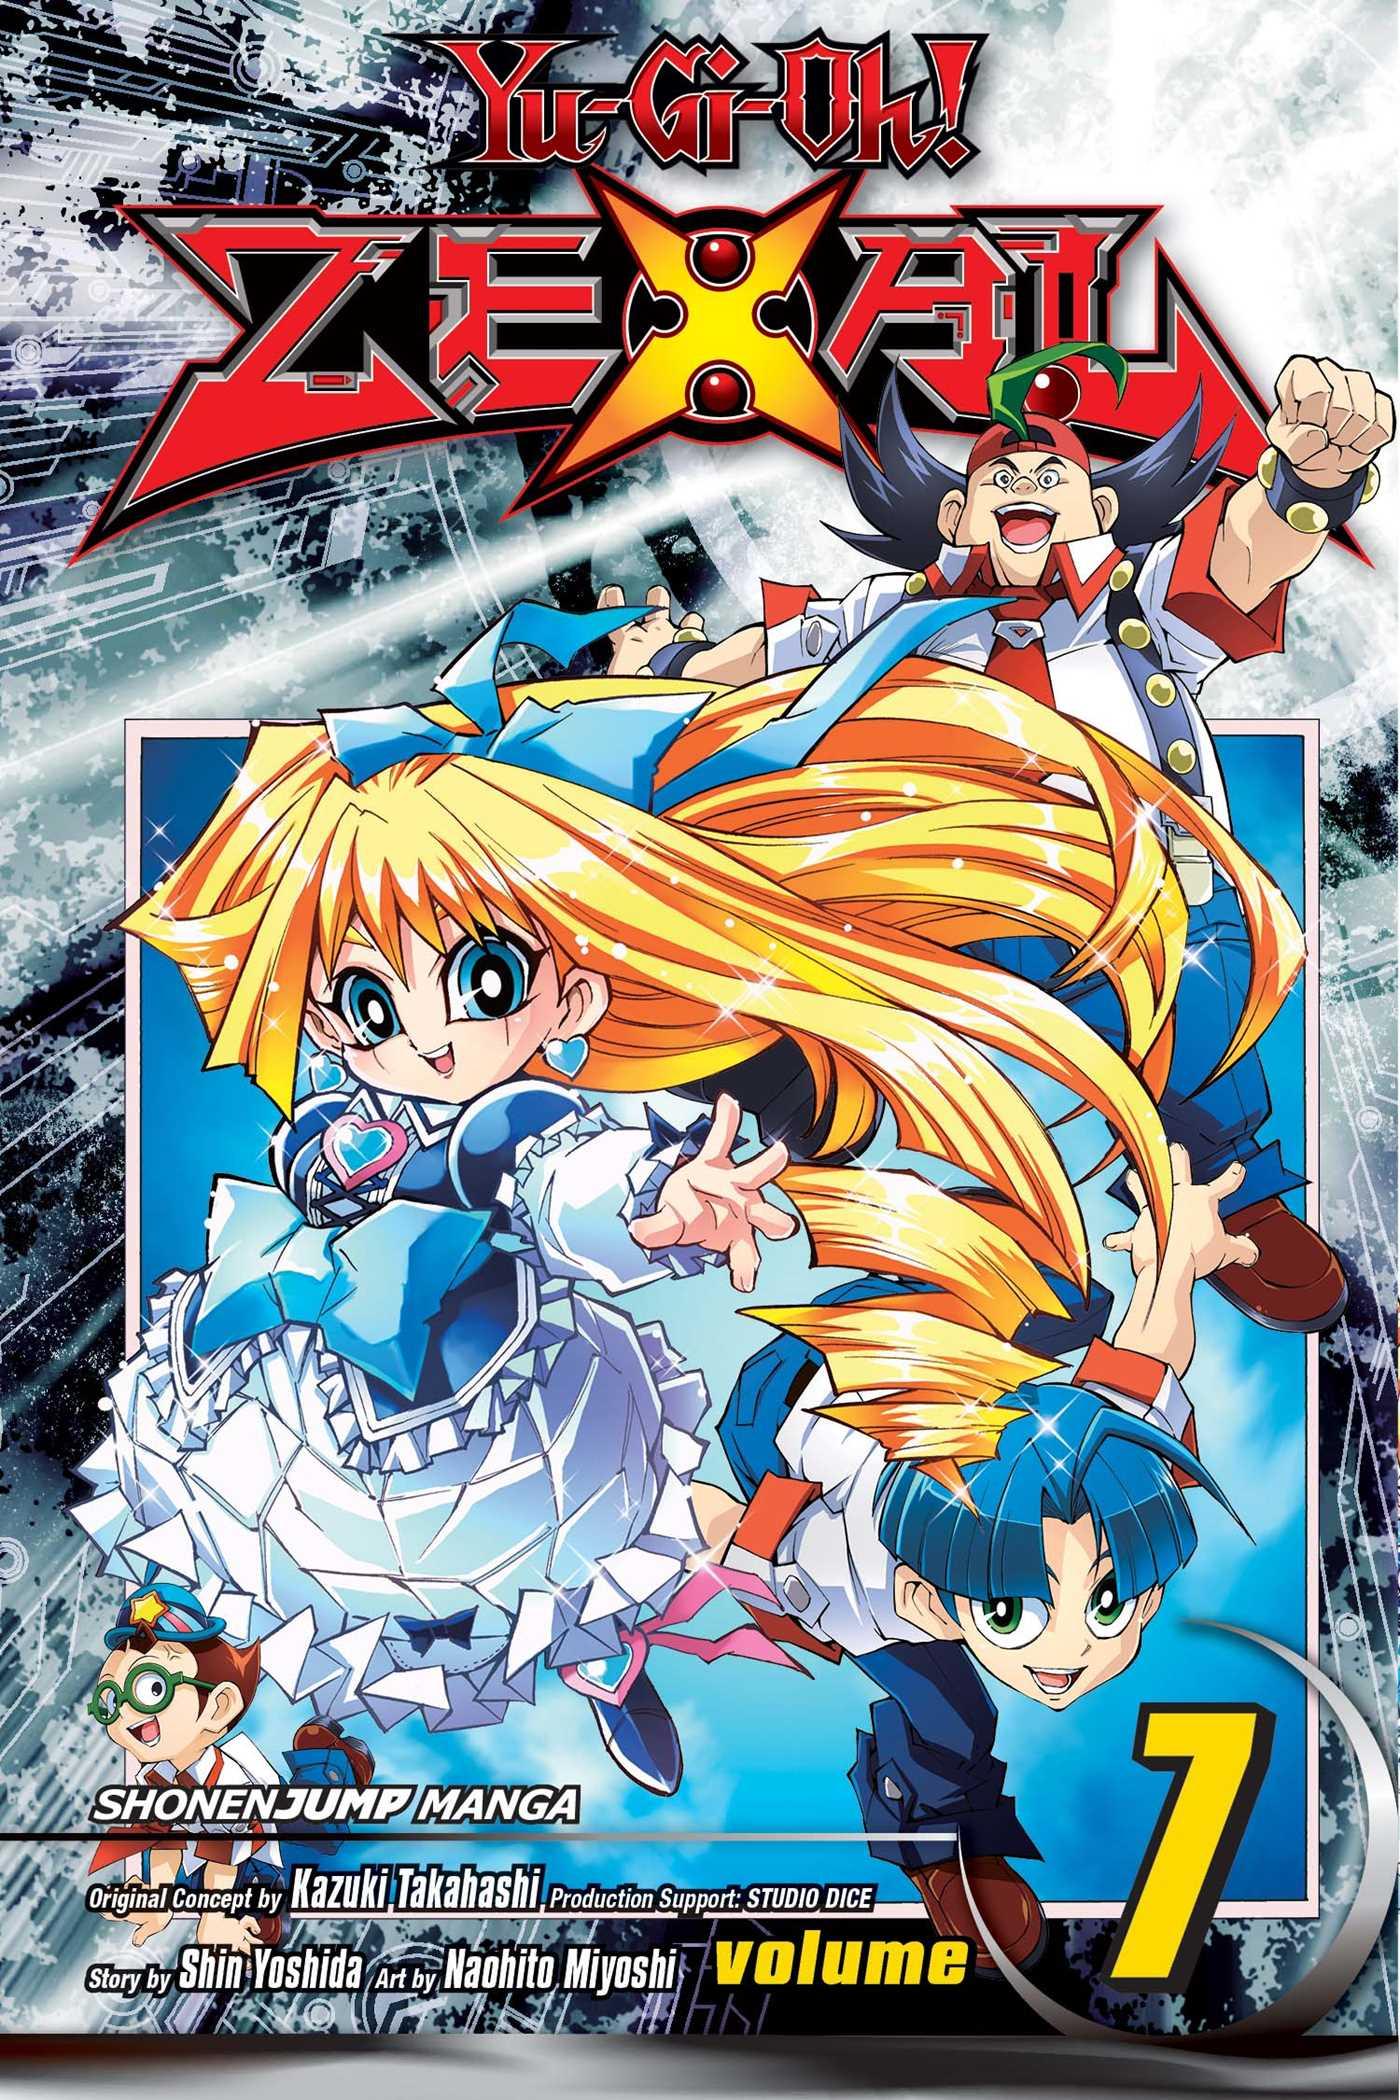 <i>Yu-Gi-Oh! ZEXAL</i> Volume 7